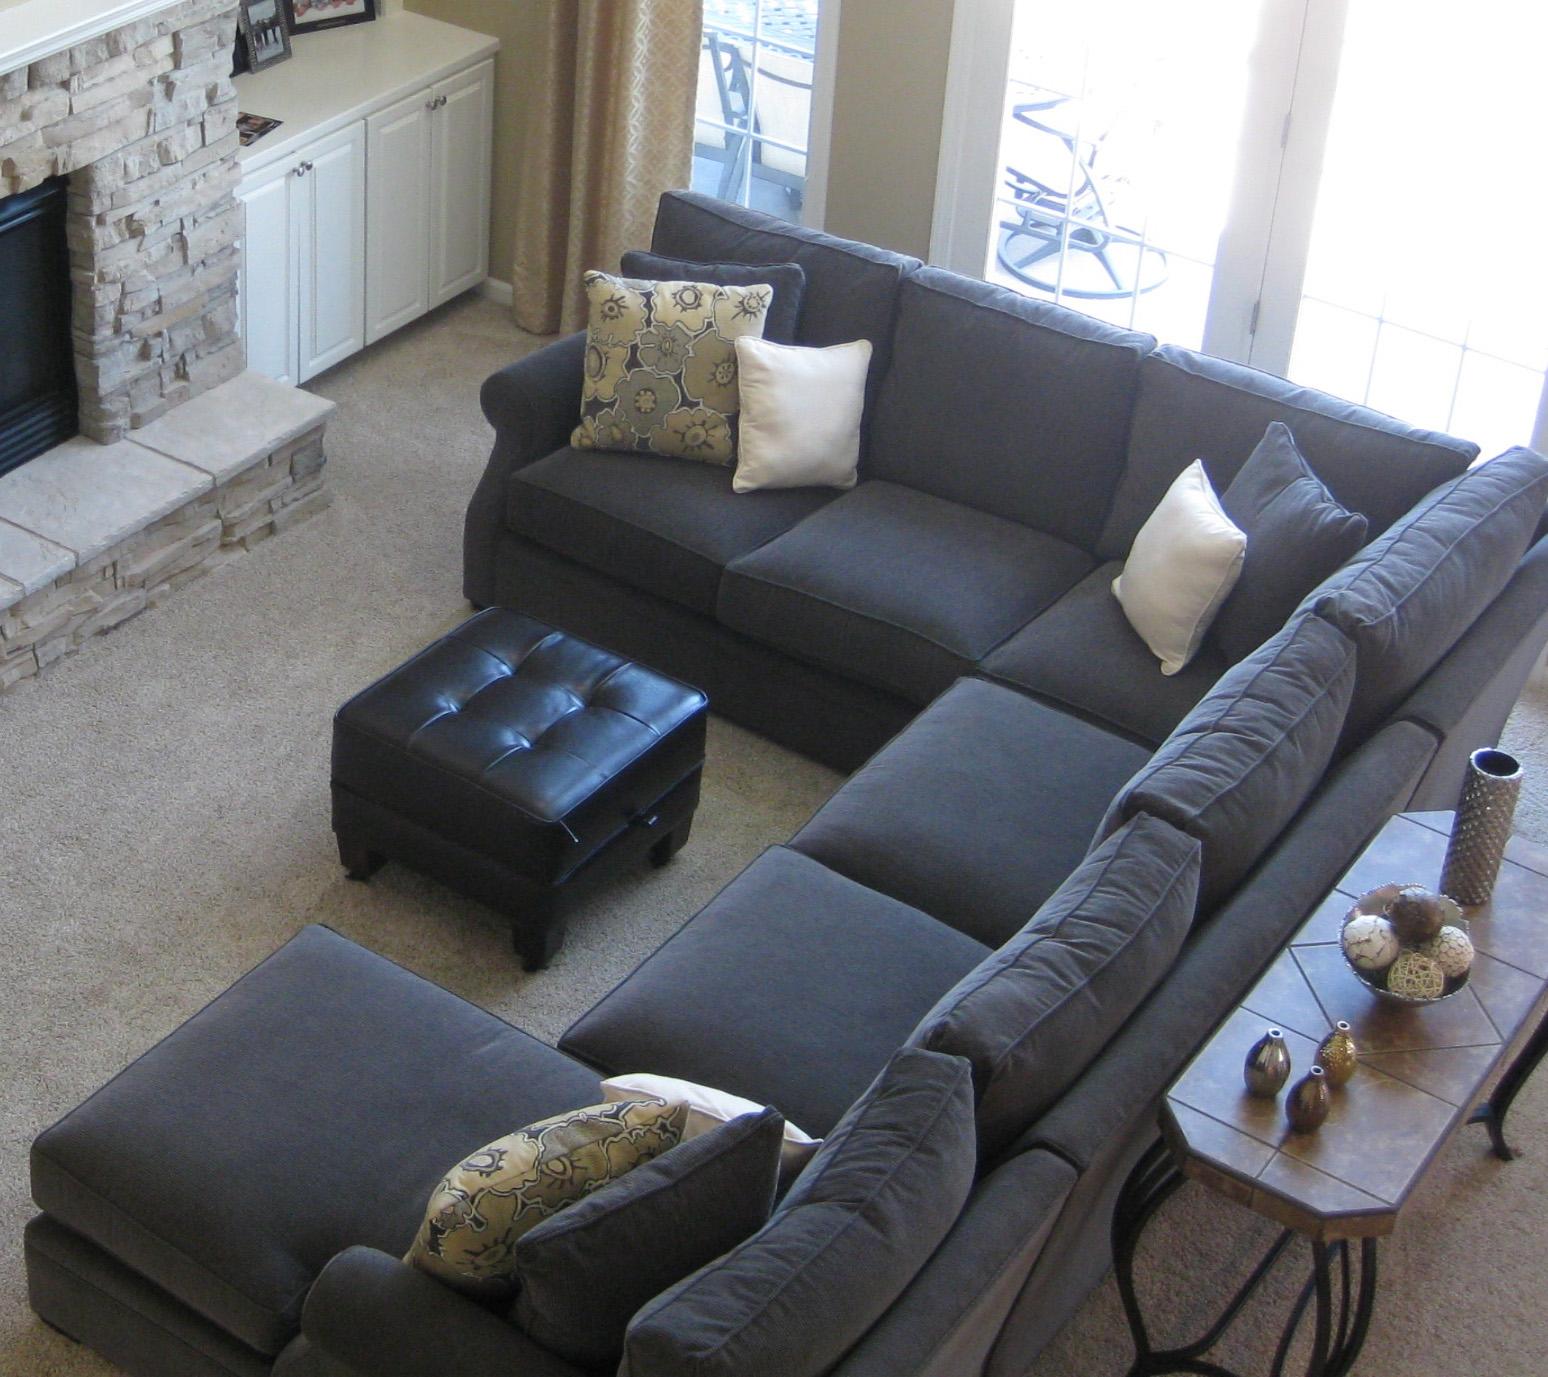 Wie Viele Arten Von Sofas Kennen Sie: Did You Know: So Many Sofa Styles!